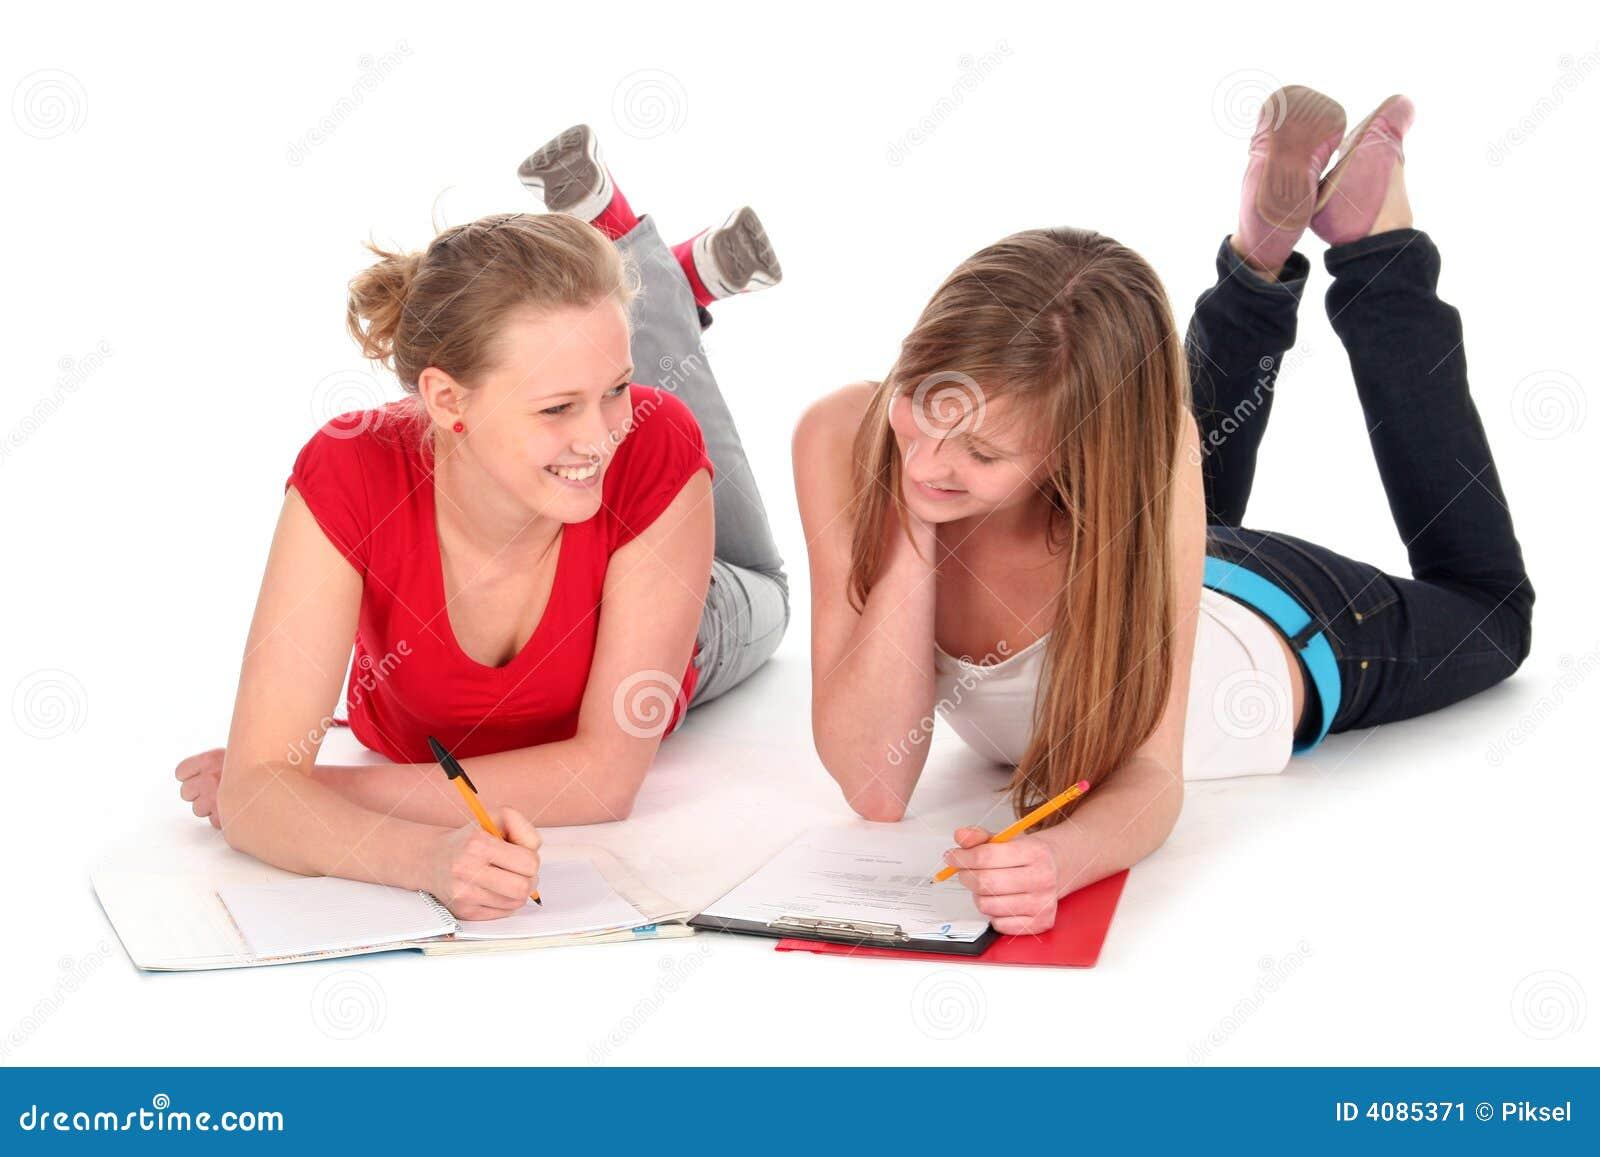 Young women doing homework